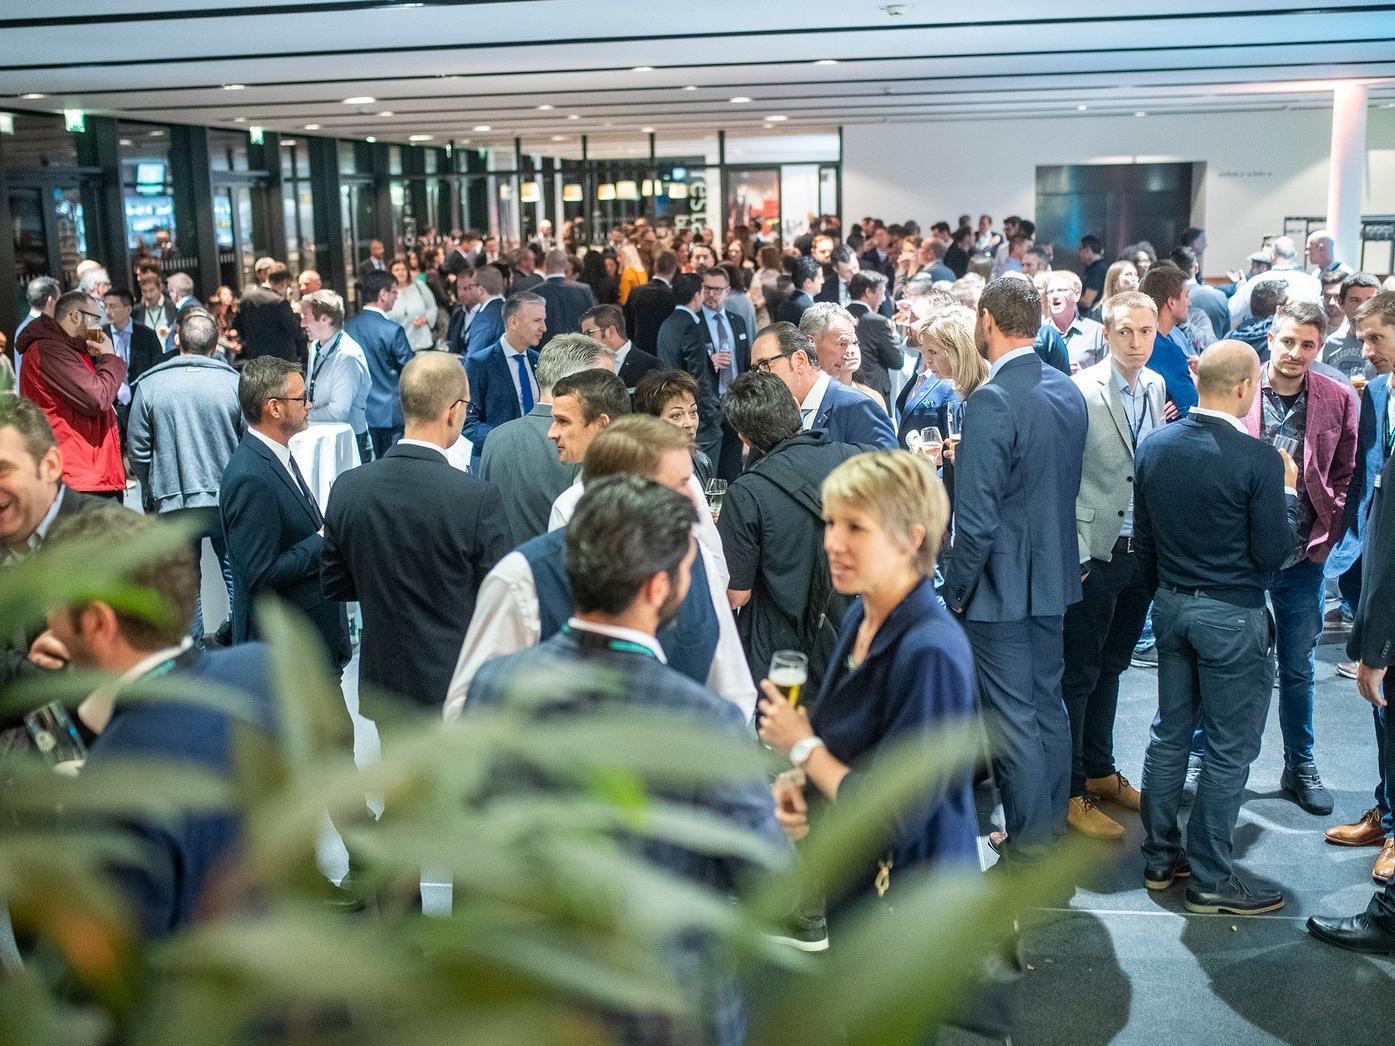 Informieren und Netzwerken: Meusburger freute sich über zahlreiche Besucher bei den Werkzeug- und Formenbautagen 2019.